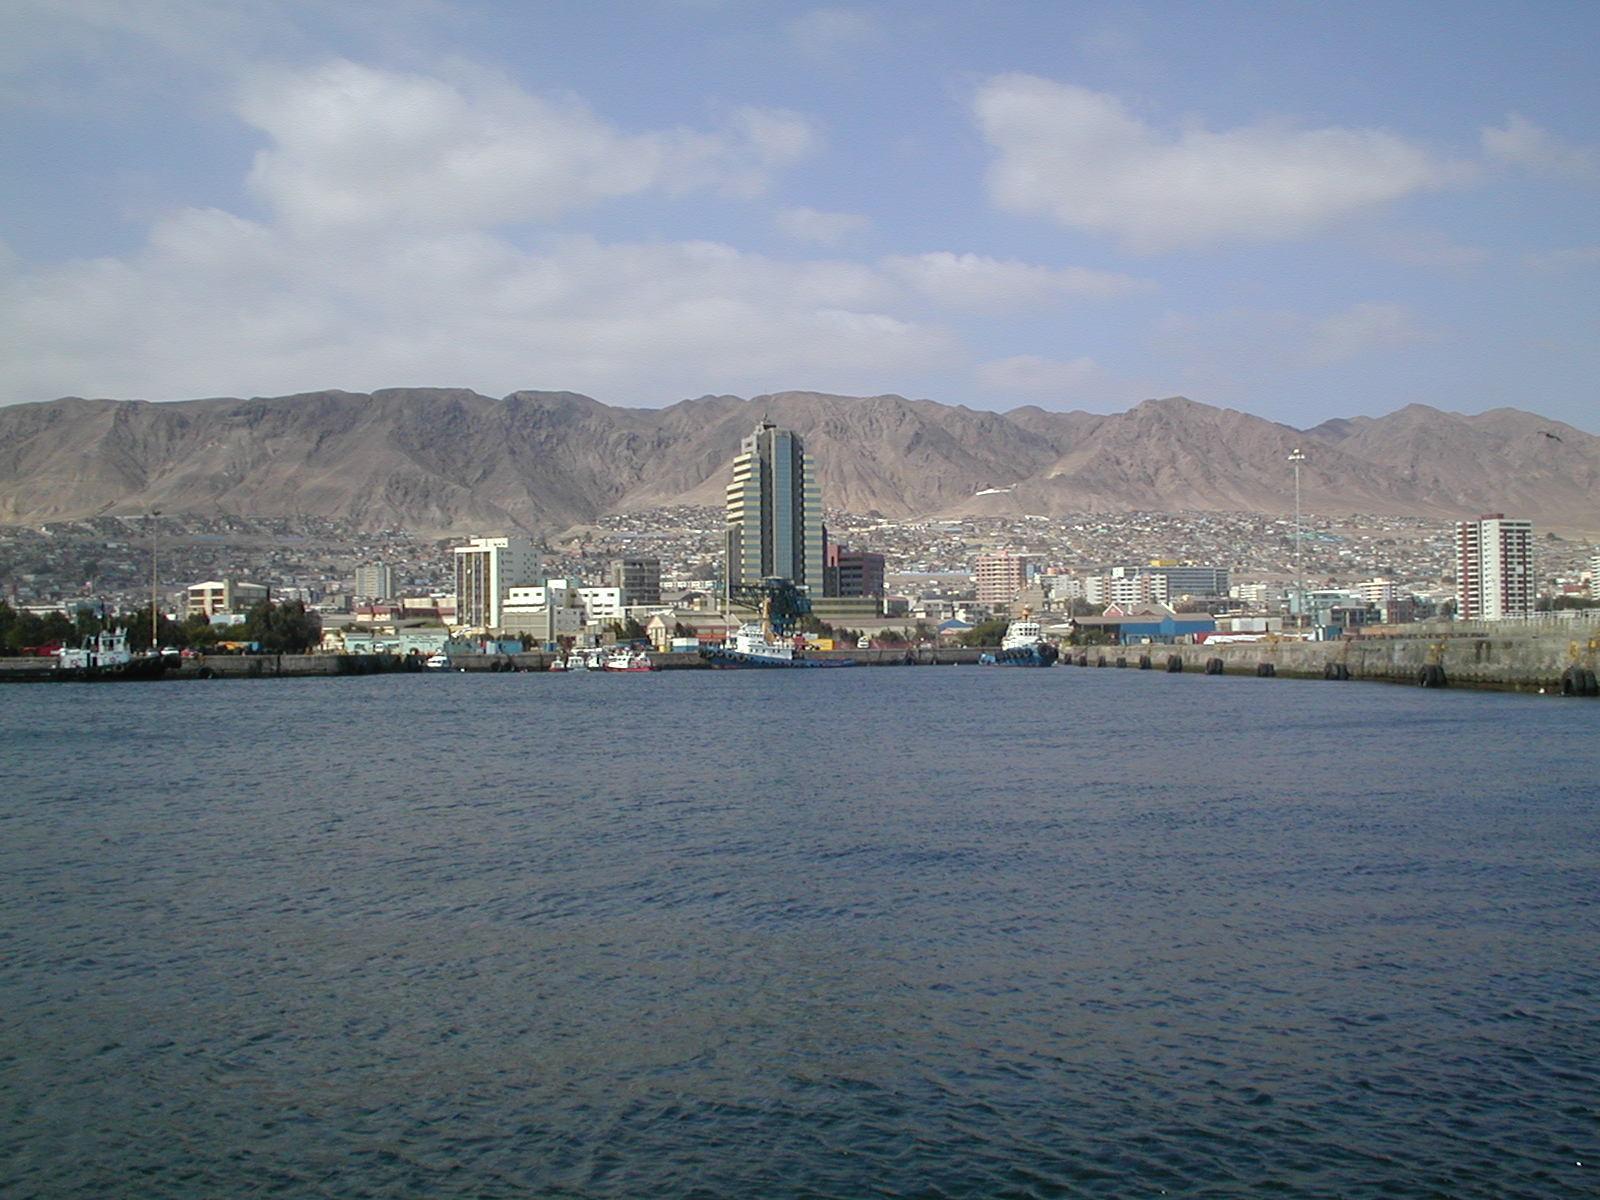 Antofagasta Chile  City new picture : Chile Antofagasta picture, Chile Antofagasta photo, Chile Antofagasta ...